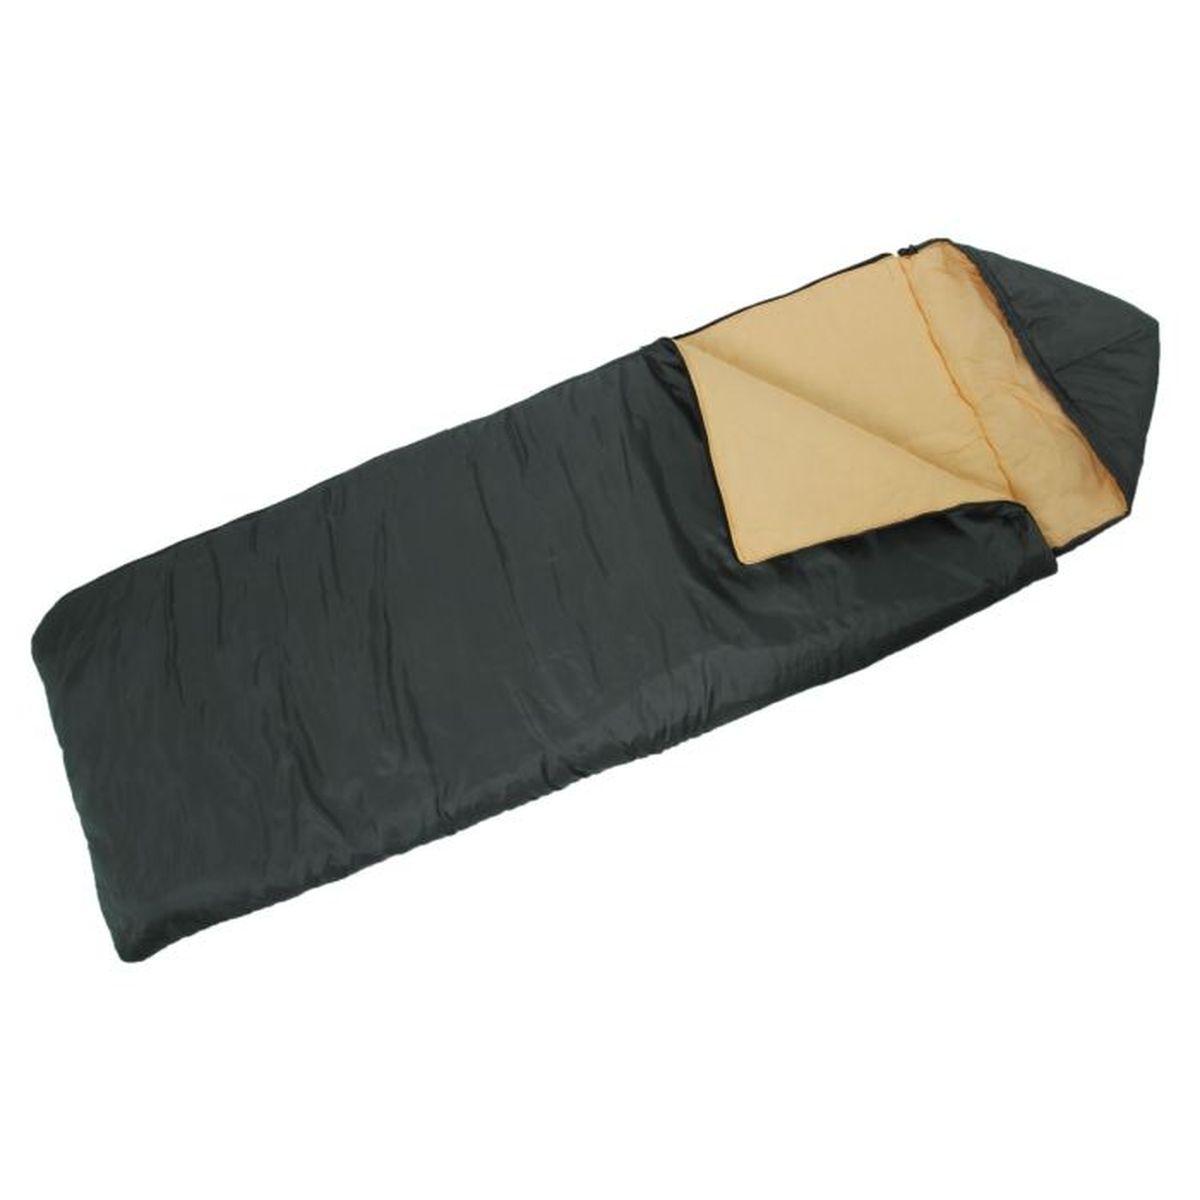 Спальный мешок Onlitop Престиж, цвет: черный, бежевый, правосторонняя молния. 1344029010-01199-23Комфортный, просторный и очень теплый 3-х сезонный спальник предназначен для походов и для отдыха на природе не только в летнее время, но и в прохладные дни весенне-осеннего периода. В теплое время спальный мешок можно использовать как одеяло (в том числе и дома).